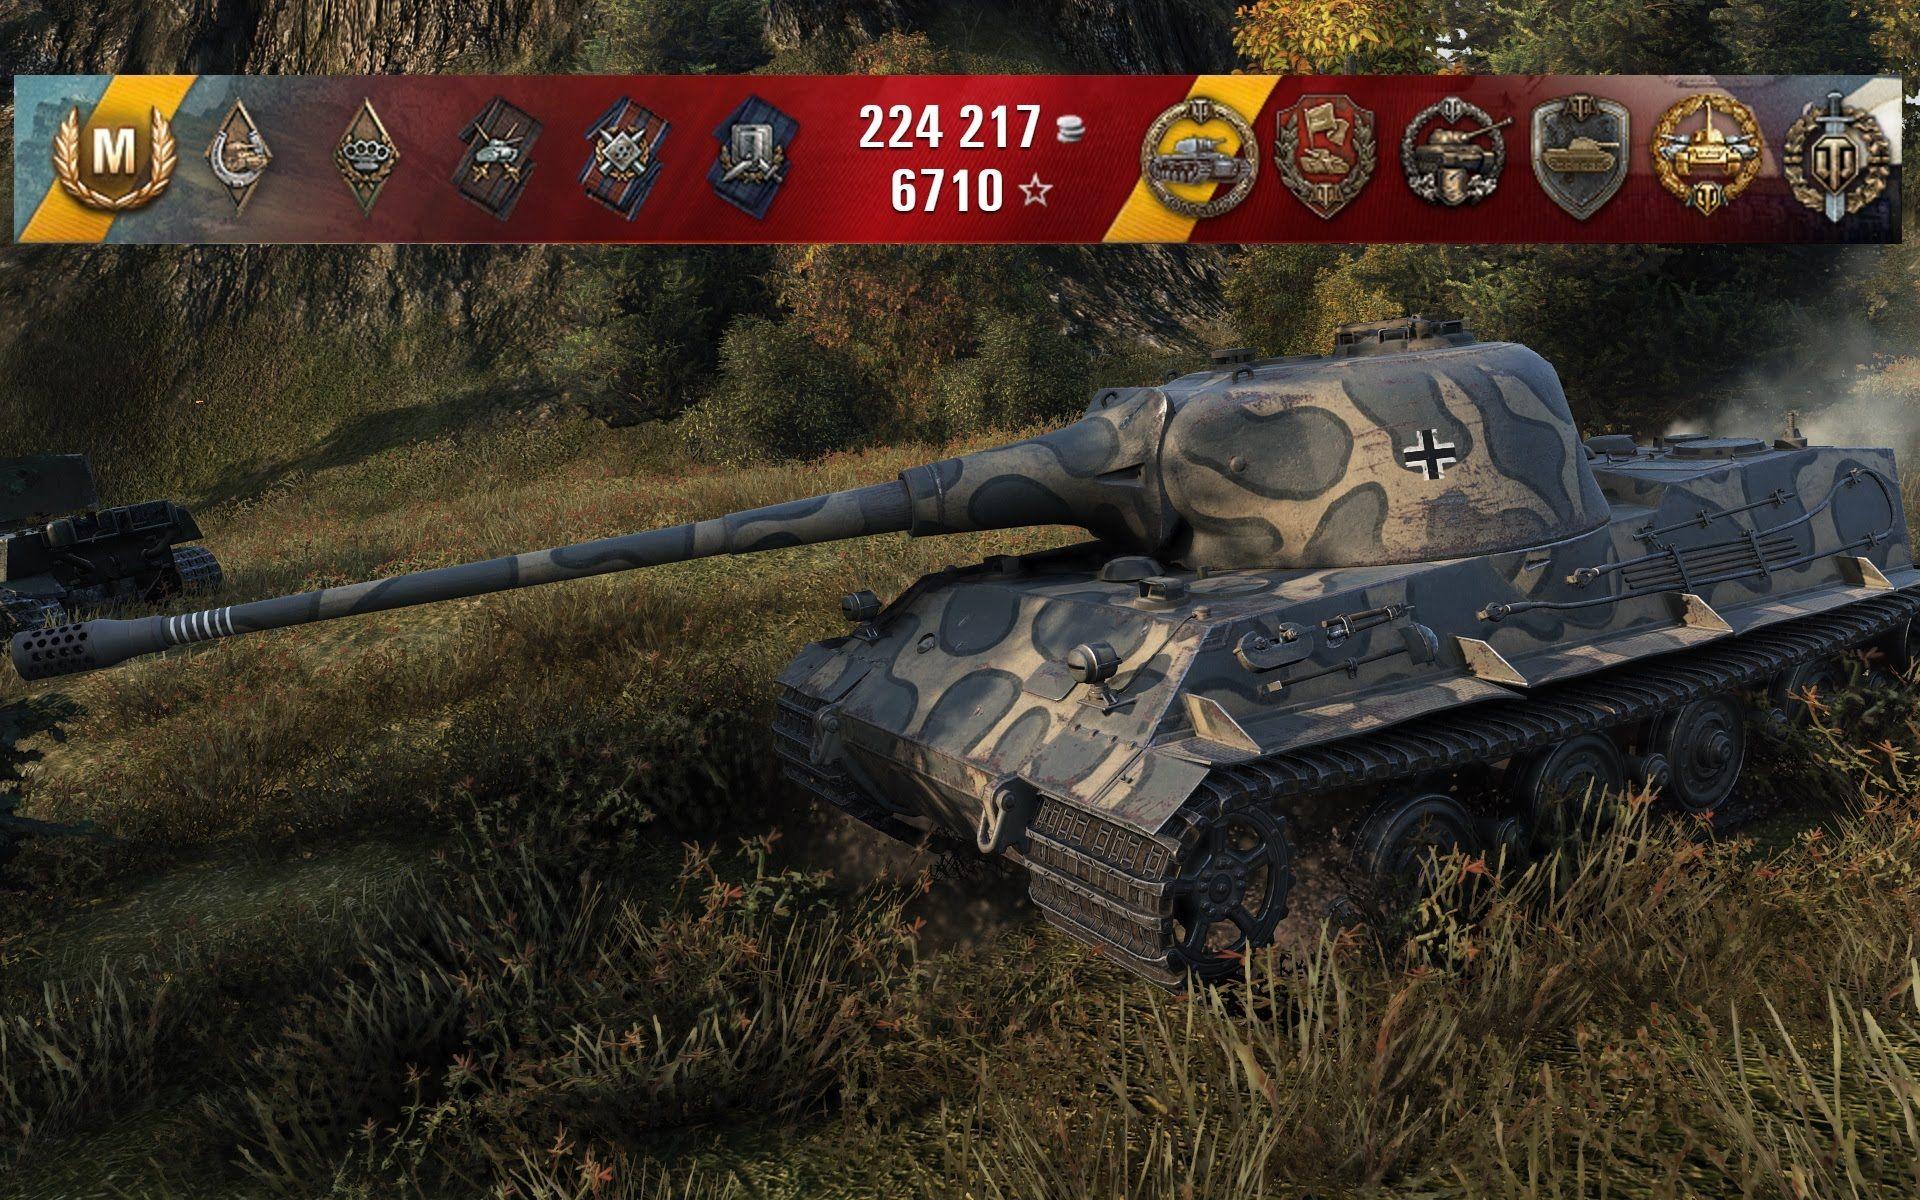 e56c1b9446542c30228212af17007d36 - How To Get Premium Tanks In World Of Tanks